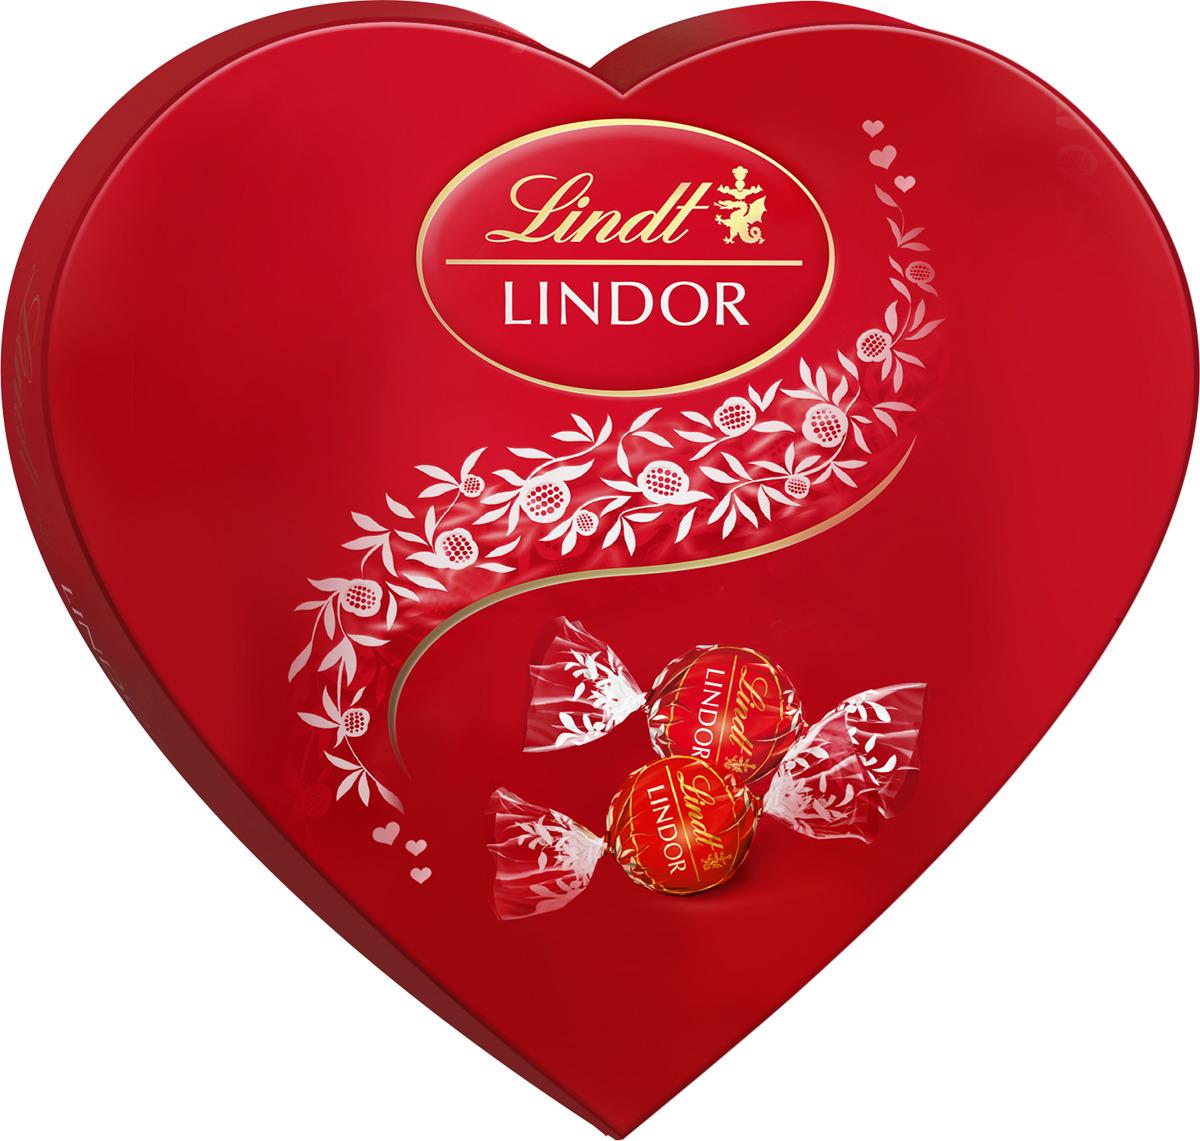 Конфеты шоколадные Lindt Lindor, 160 г шоколад lindt lindor молочный 200г